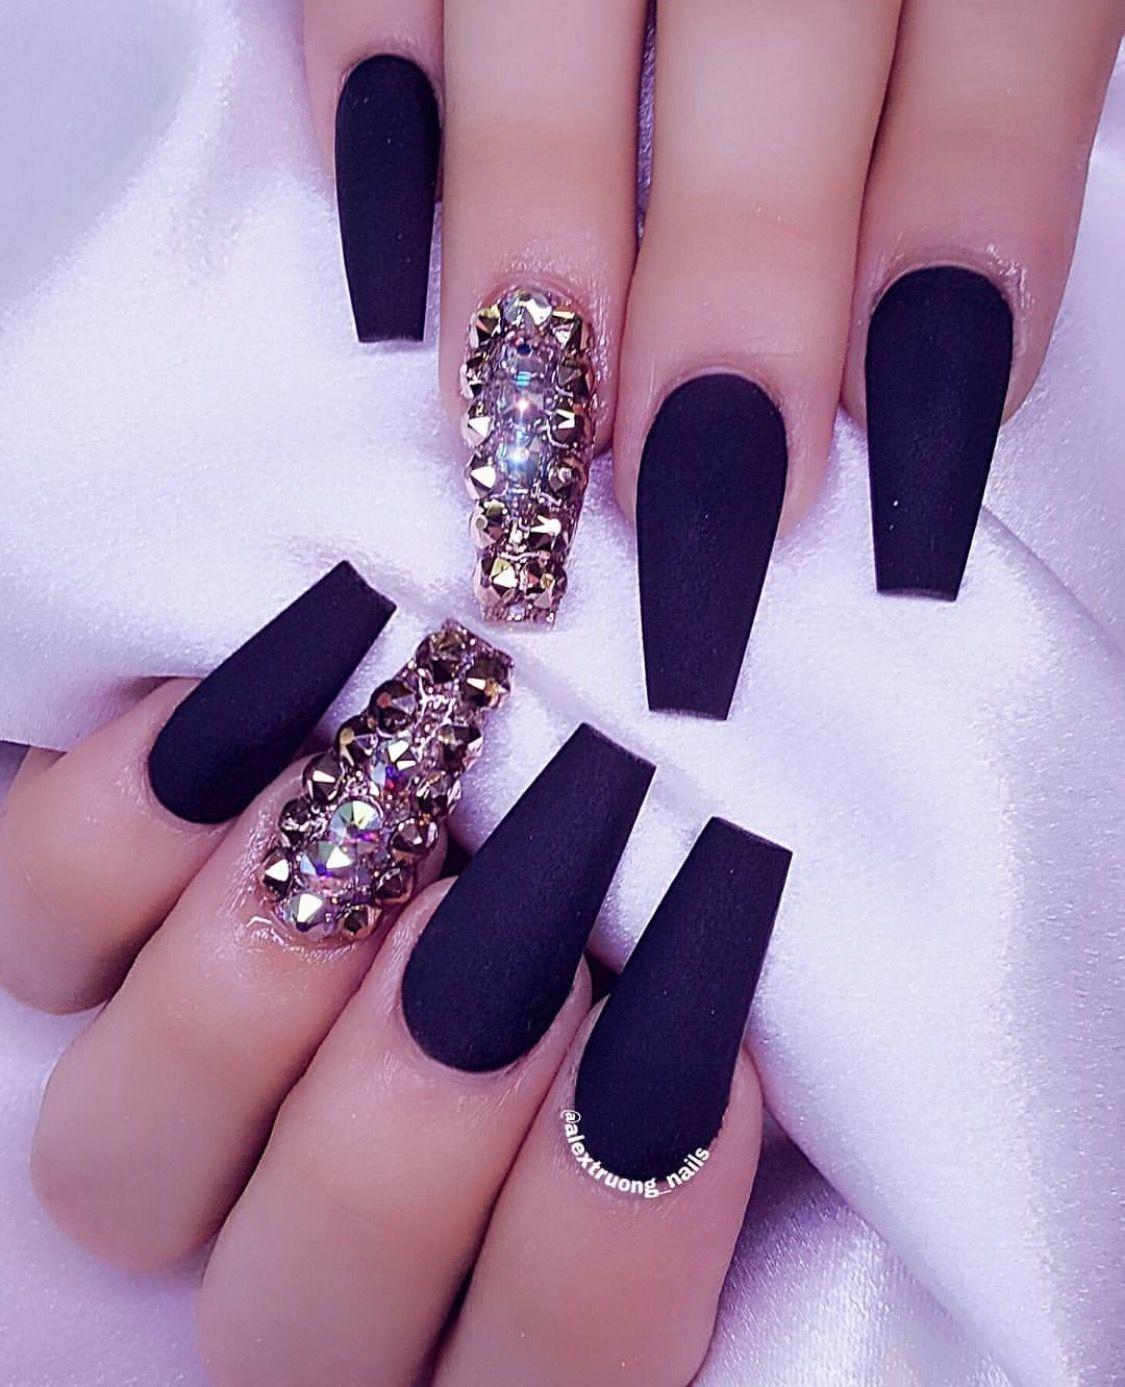 Pinterest Itskiraababe Acrylic Nails Coffin Glitter Rhinestone Nails Black Acrylic Nails